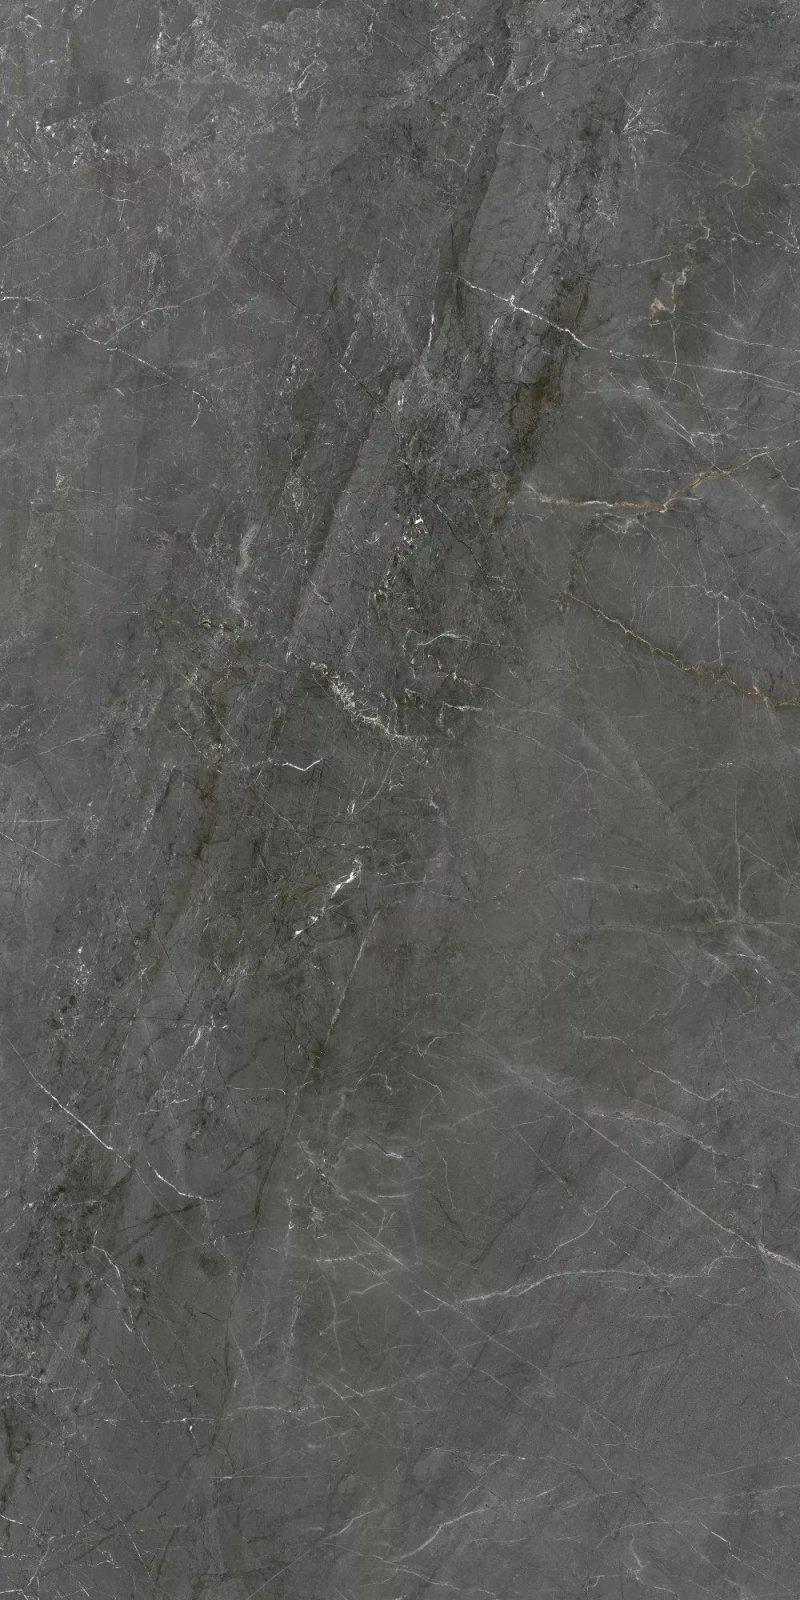 博德瓷砖图片 生态大理石瓷砖装修效果图